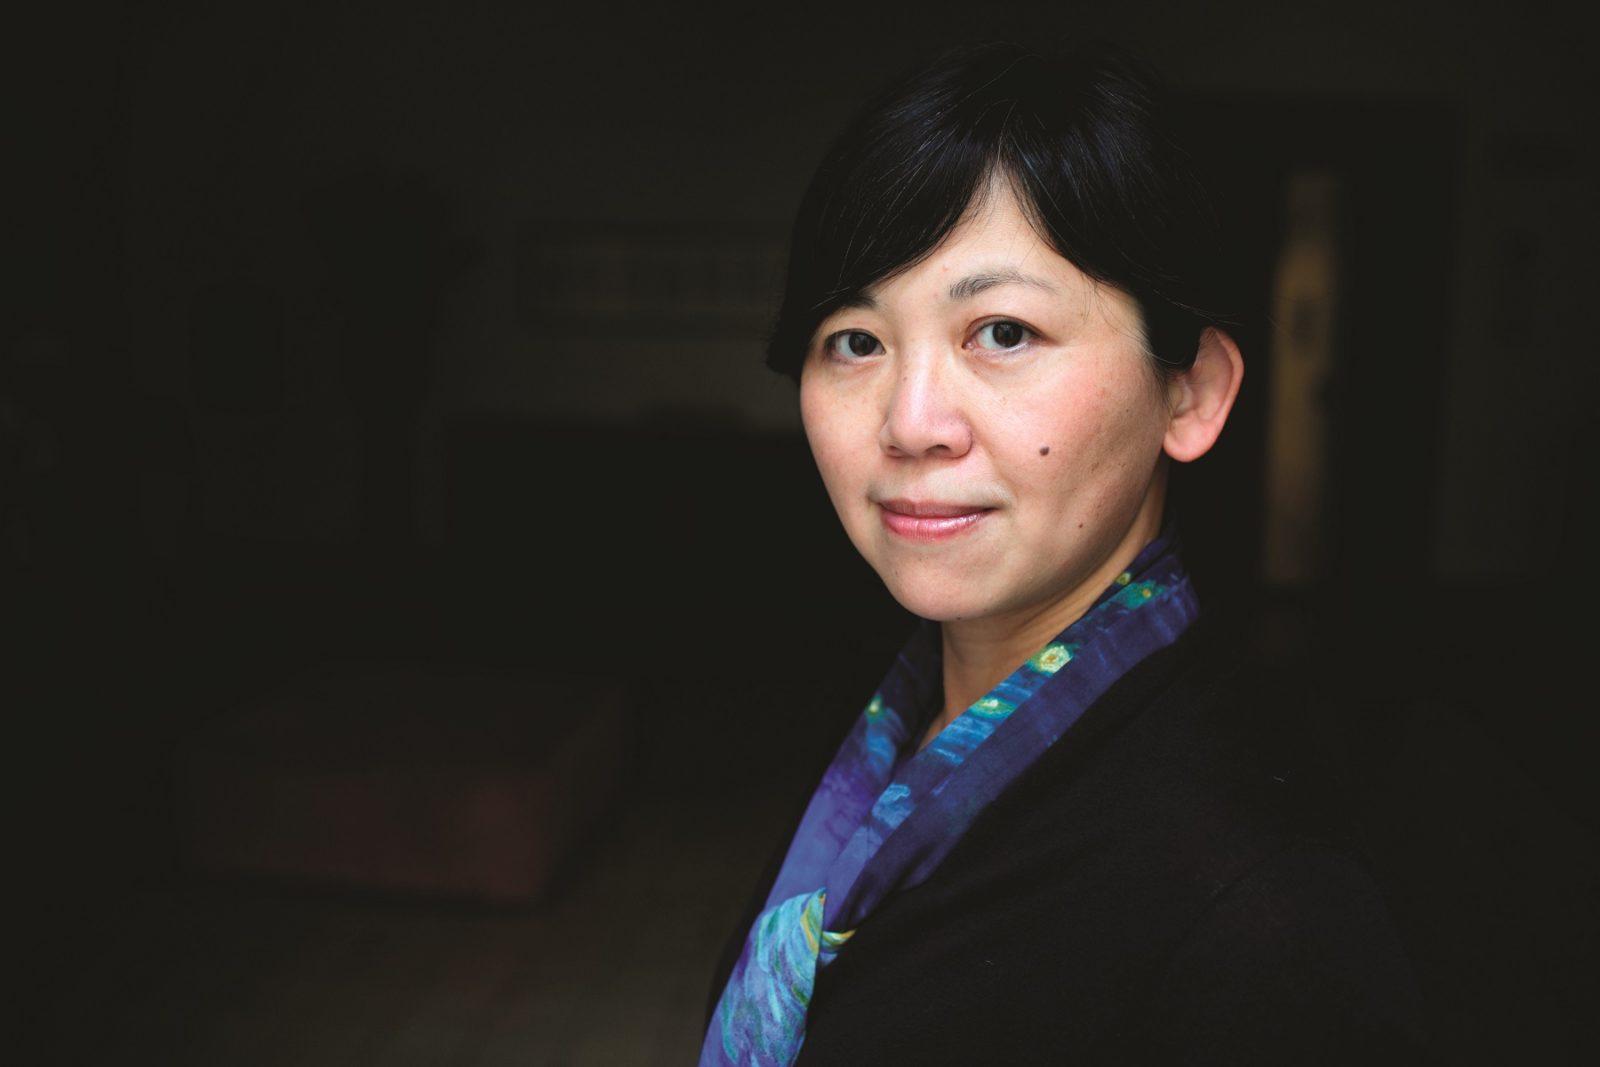 Portrait of Yiyun Li 06/06/2016 ©Basso CANNARSA/Opale